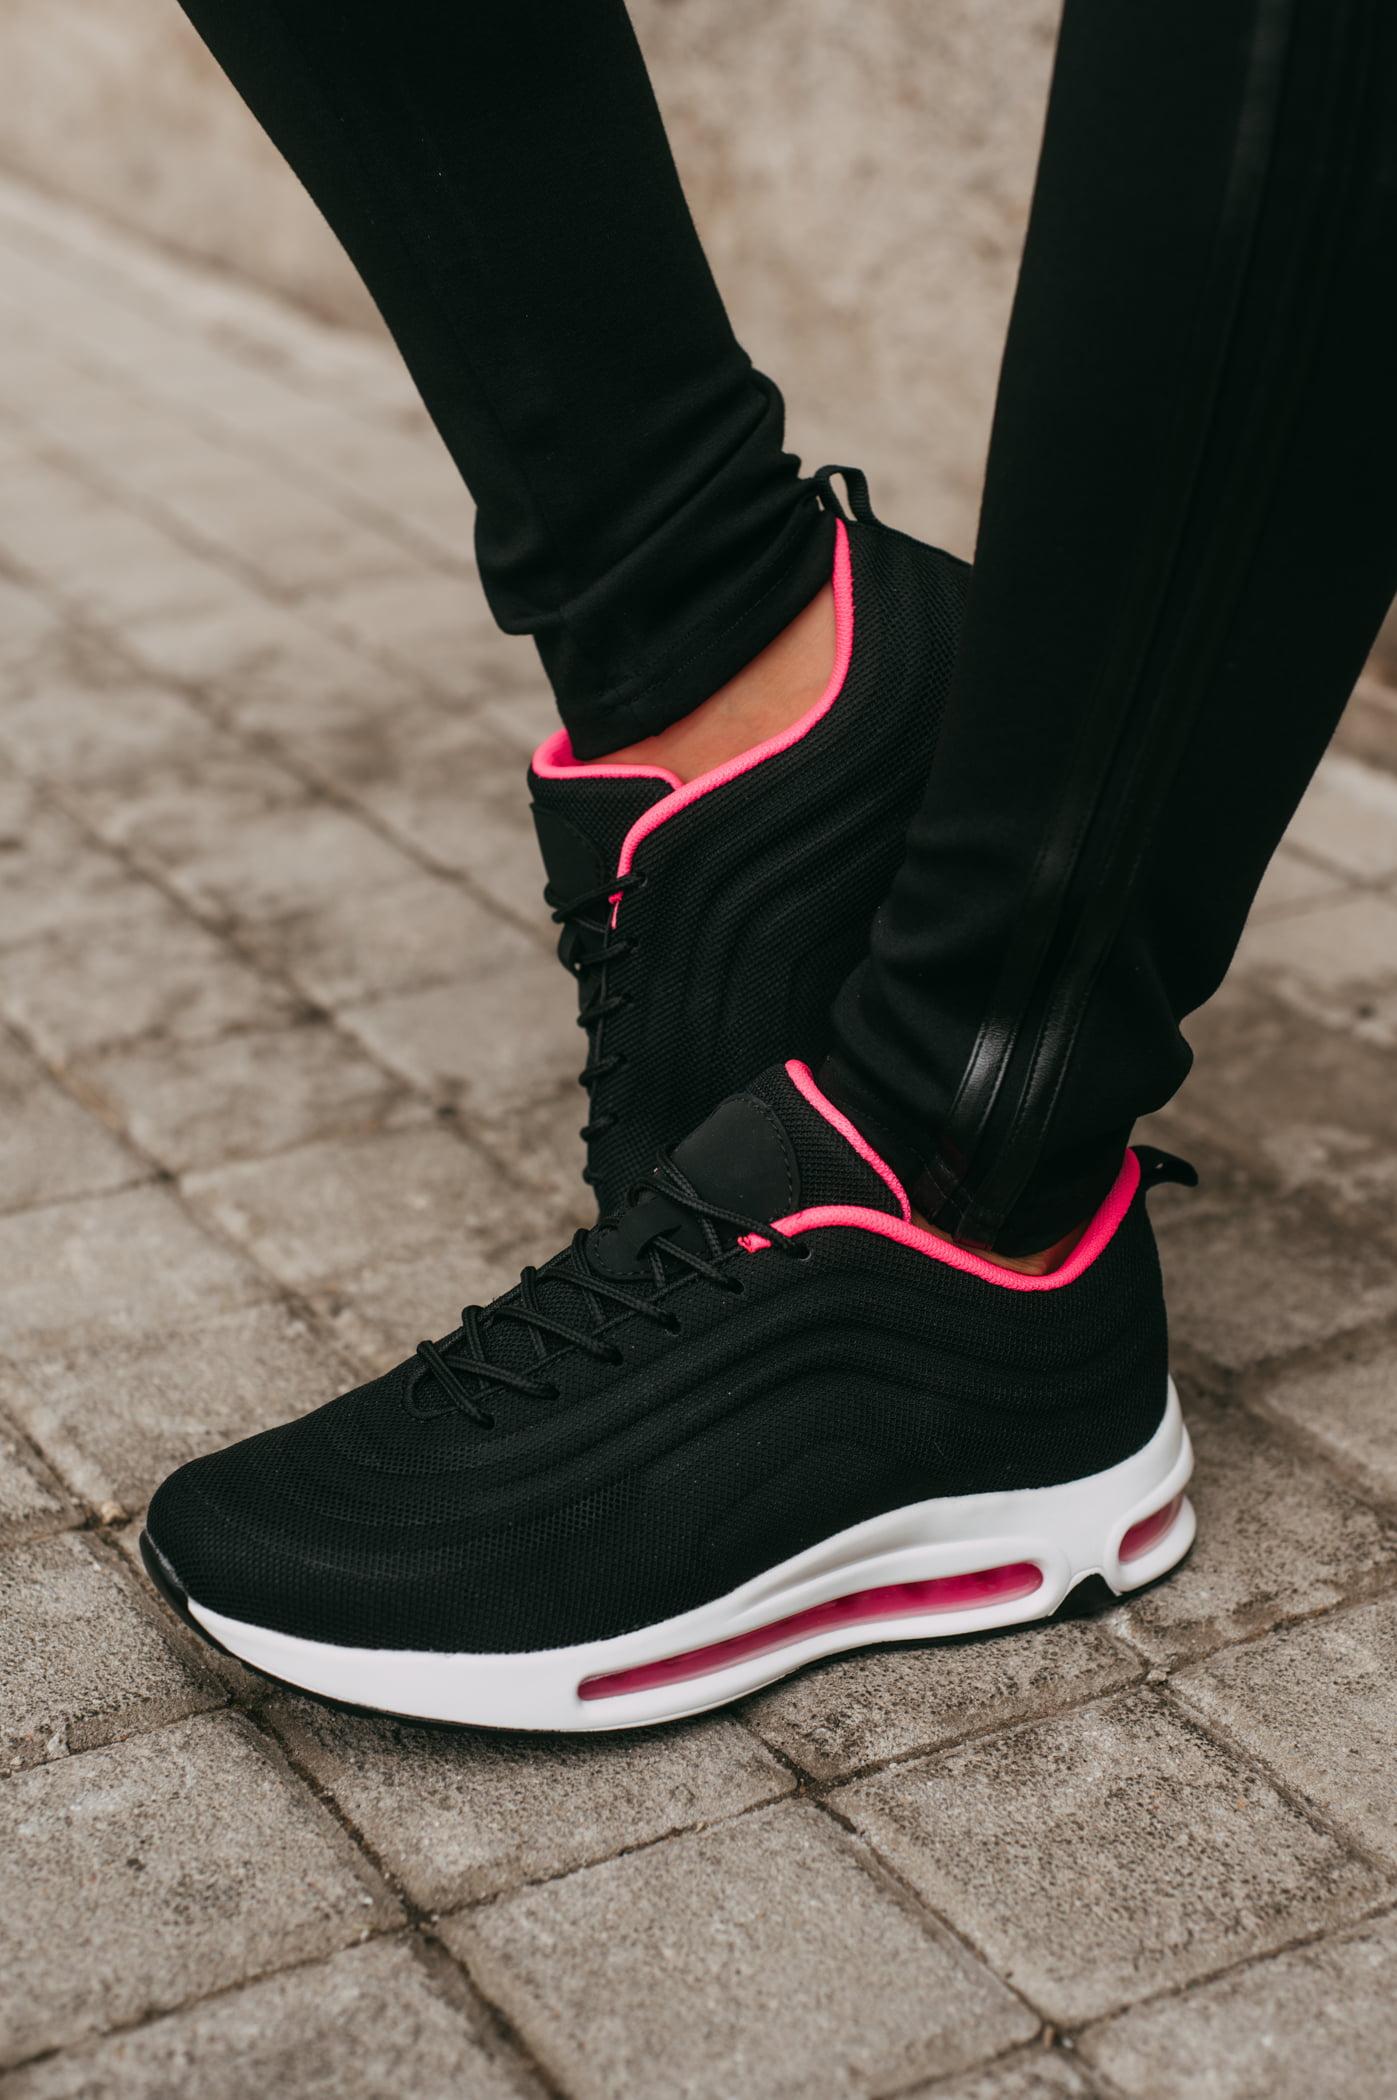 antithesis-clothing-sneakers-mavra-me-aerosola (3)